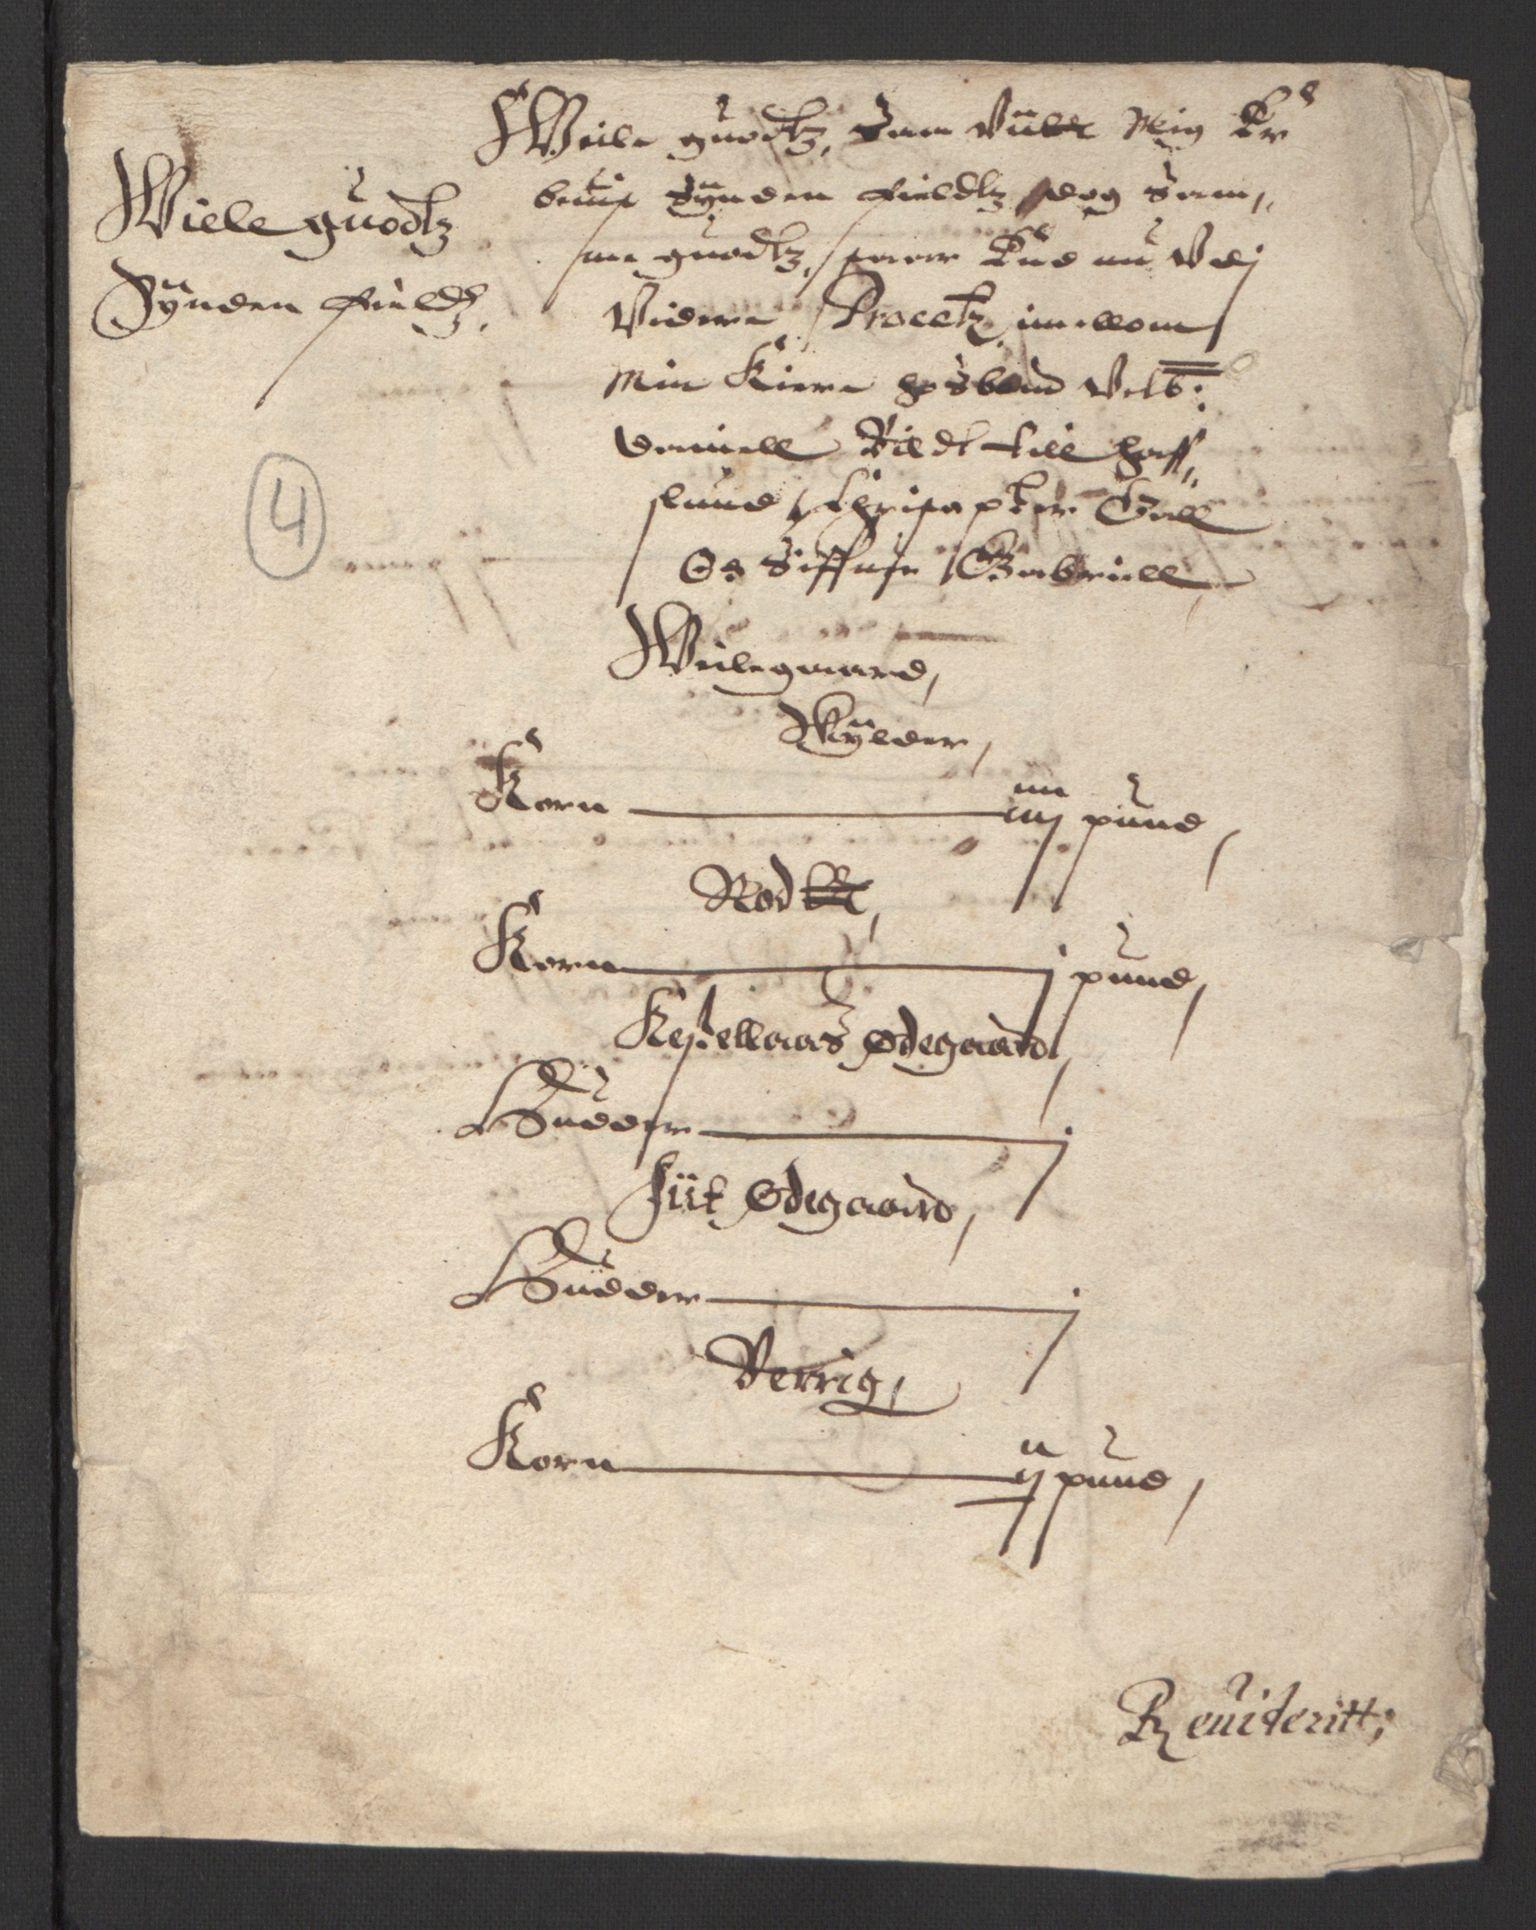 RA, Stattholderembetet 1572-1771, Ek/L0007: Jordebøker til utlikning av rosstjeneste 1624-1626:, 1624-1625, s. 438